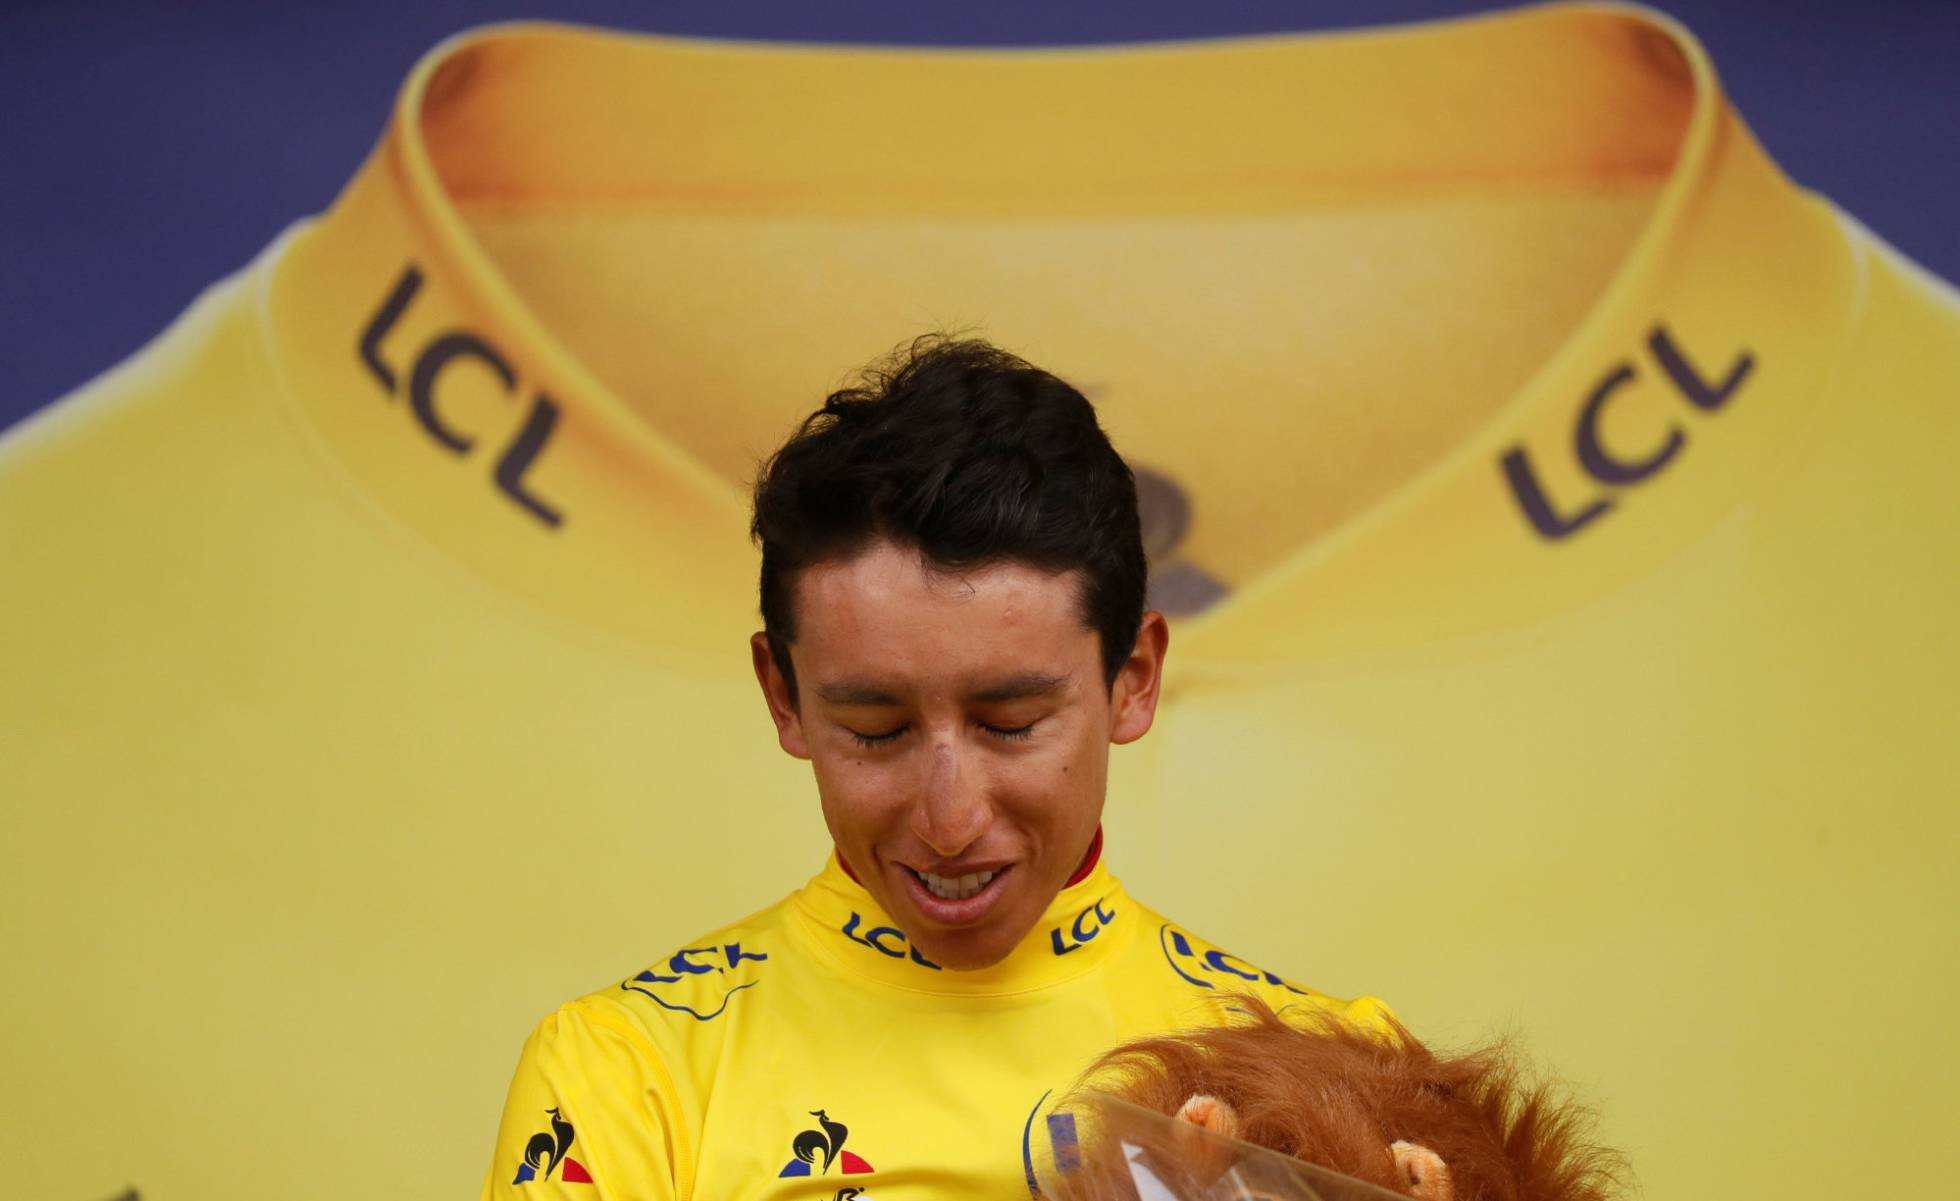 1564224638 718710 1564236525 noticia normal recorte1 - Vida de Egan Bernal, el elegido para liderar el ciclismo los próximos años